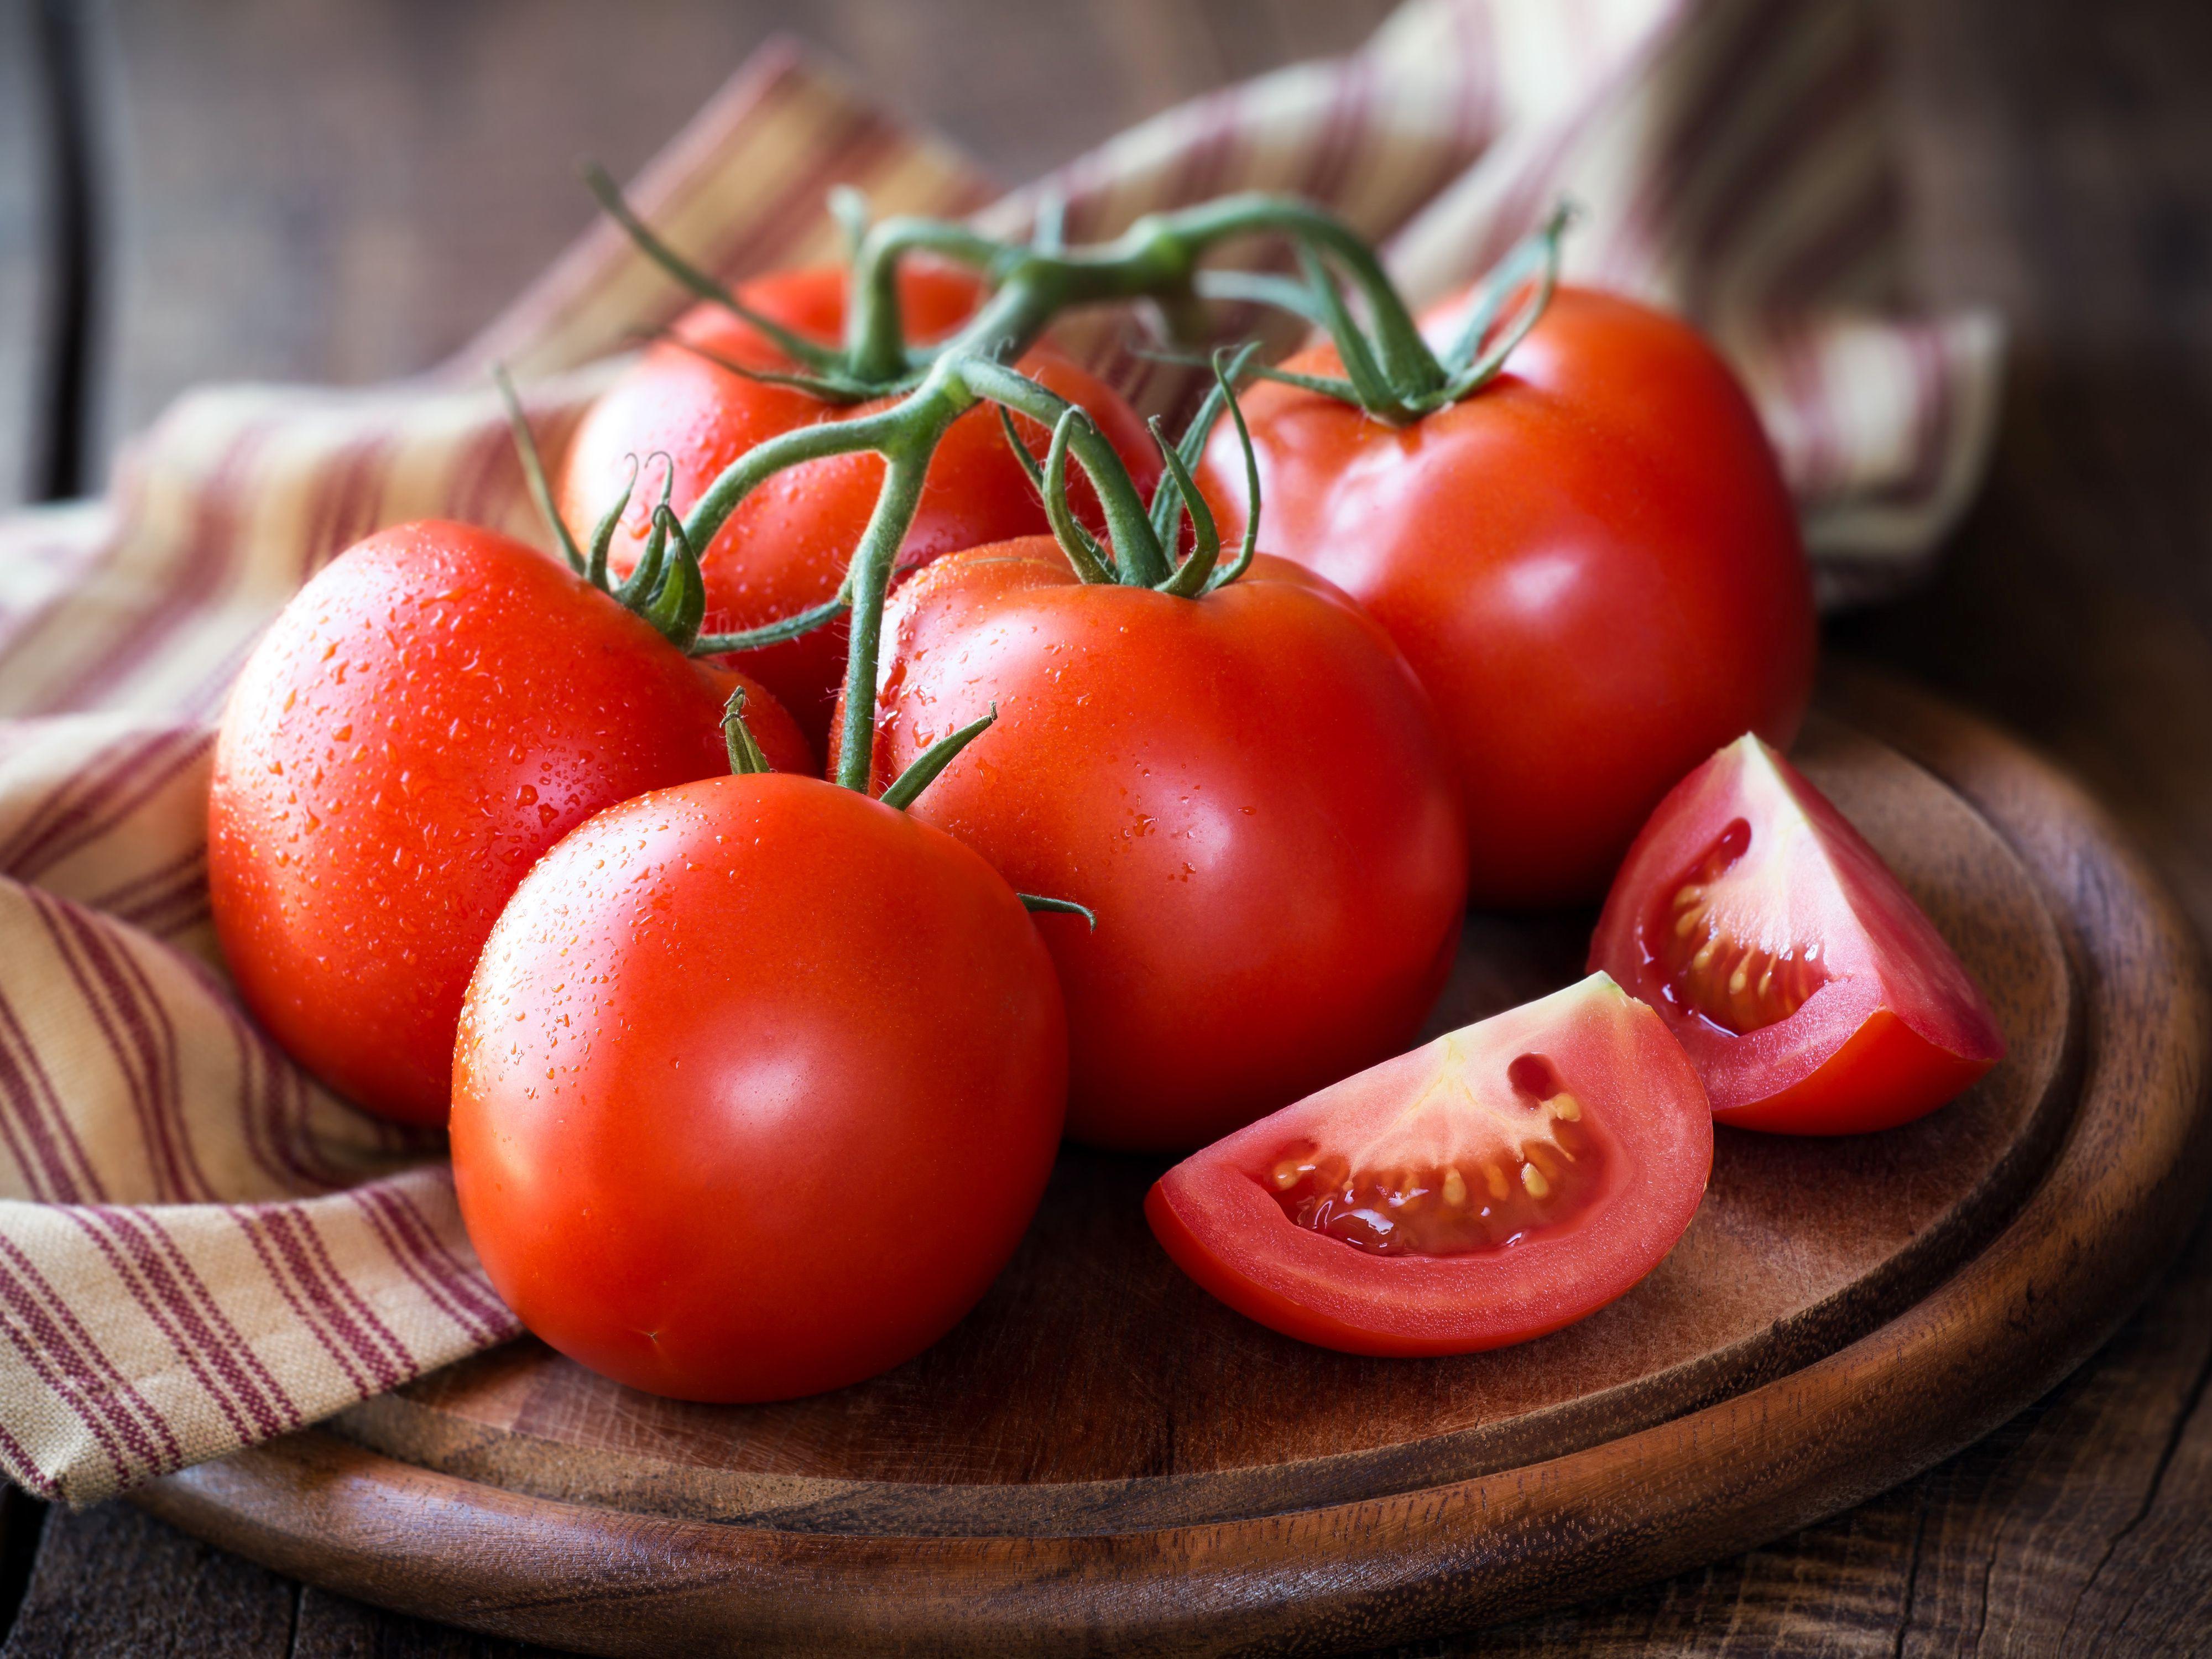 Bổ sung nhiều rau xanh, đặc biệt là cà chua, rất tốt cho sức khỏe của tuyến tiền liệt nói chung